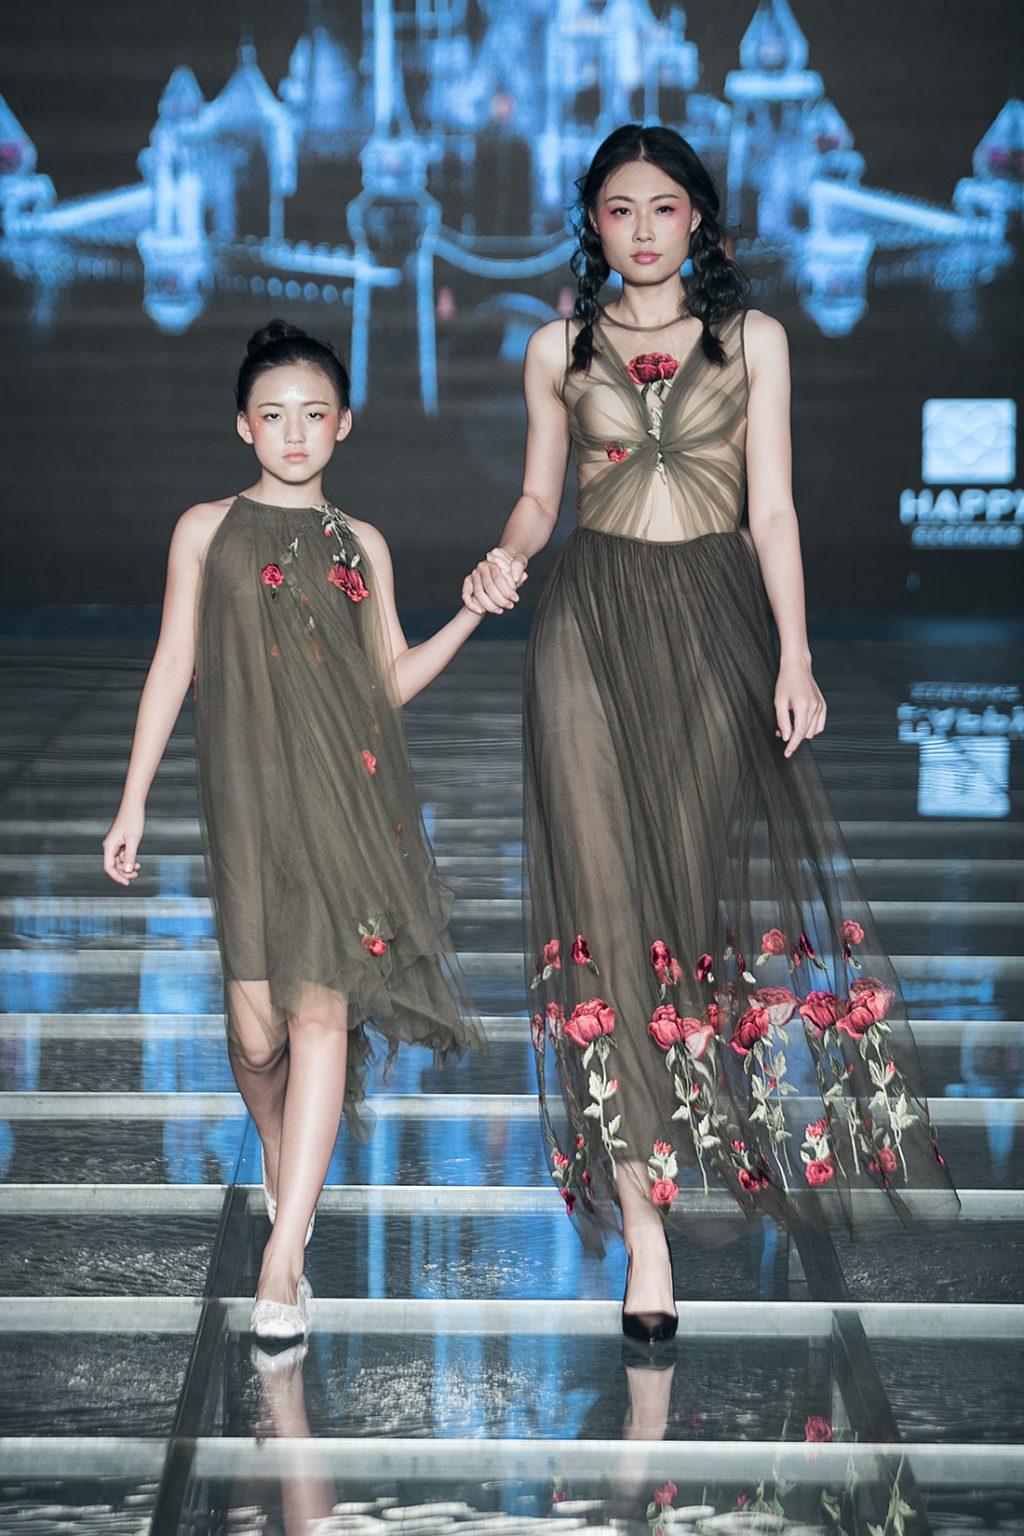 """Một mẫu dành cho mẹ và bé trong BST """"No 2 – Dreaming"""" đến từ thương hiệu Happy Clothing by Thảo Nguyễn."""